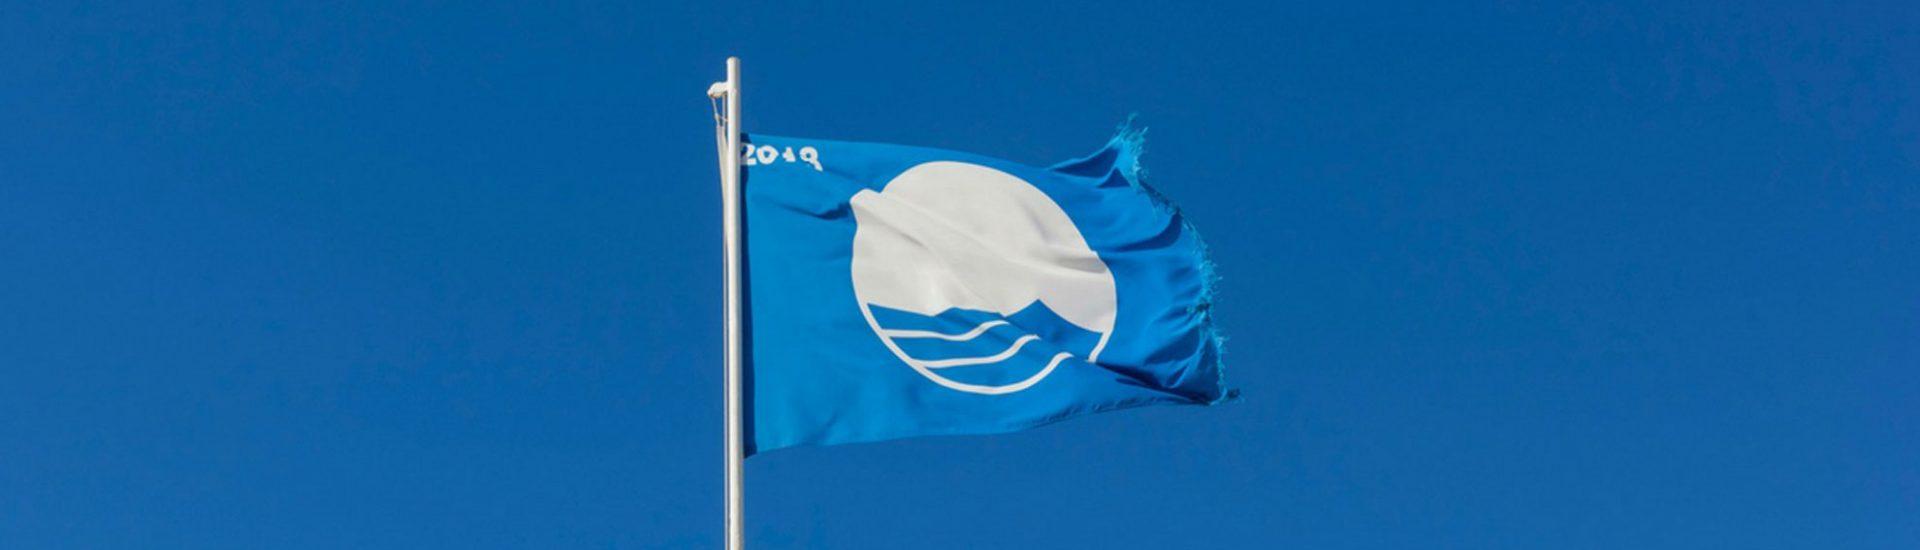 Bandiere Blu Sicilia